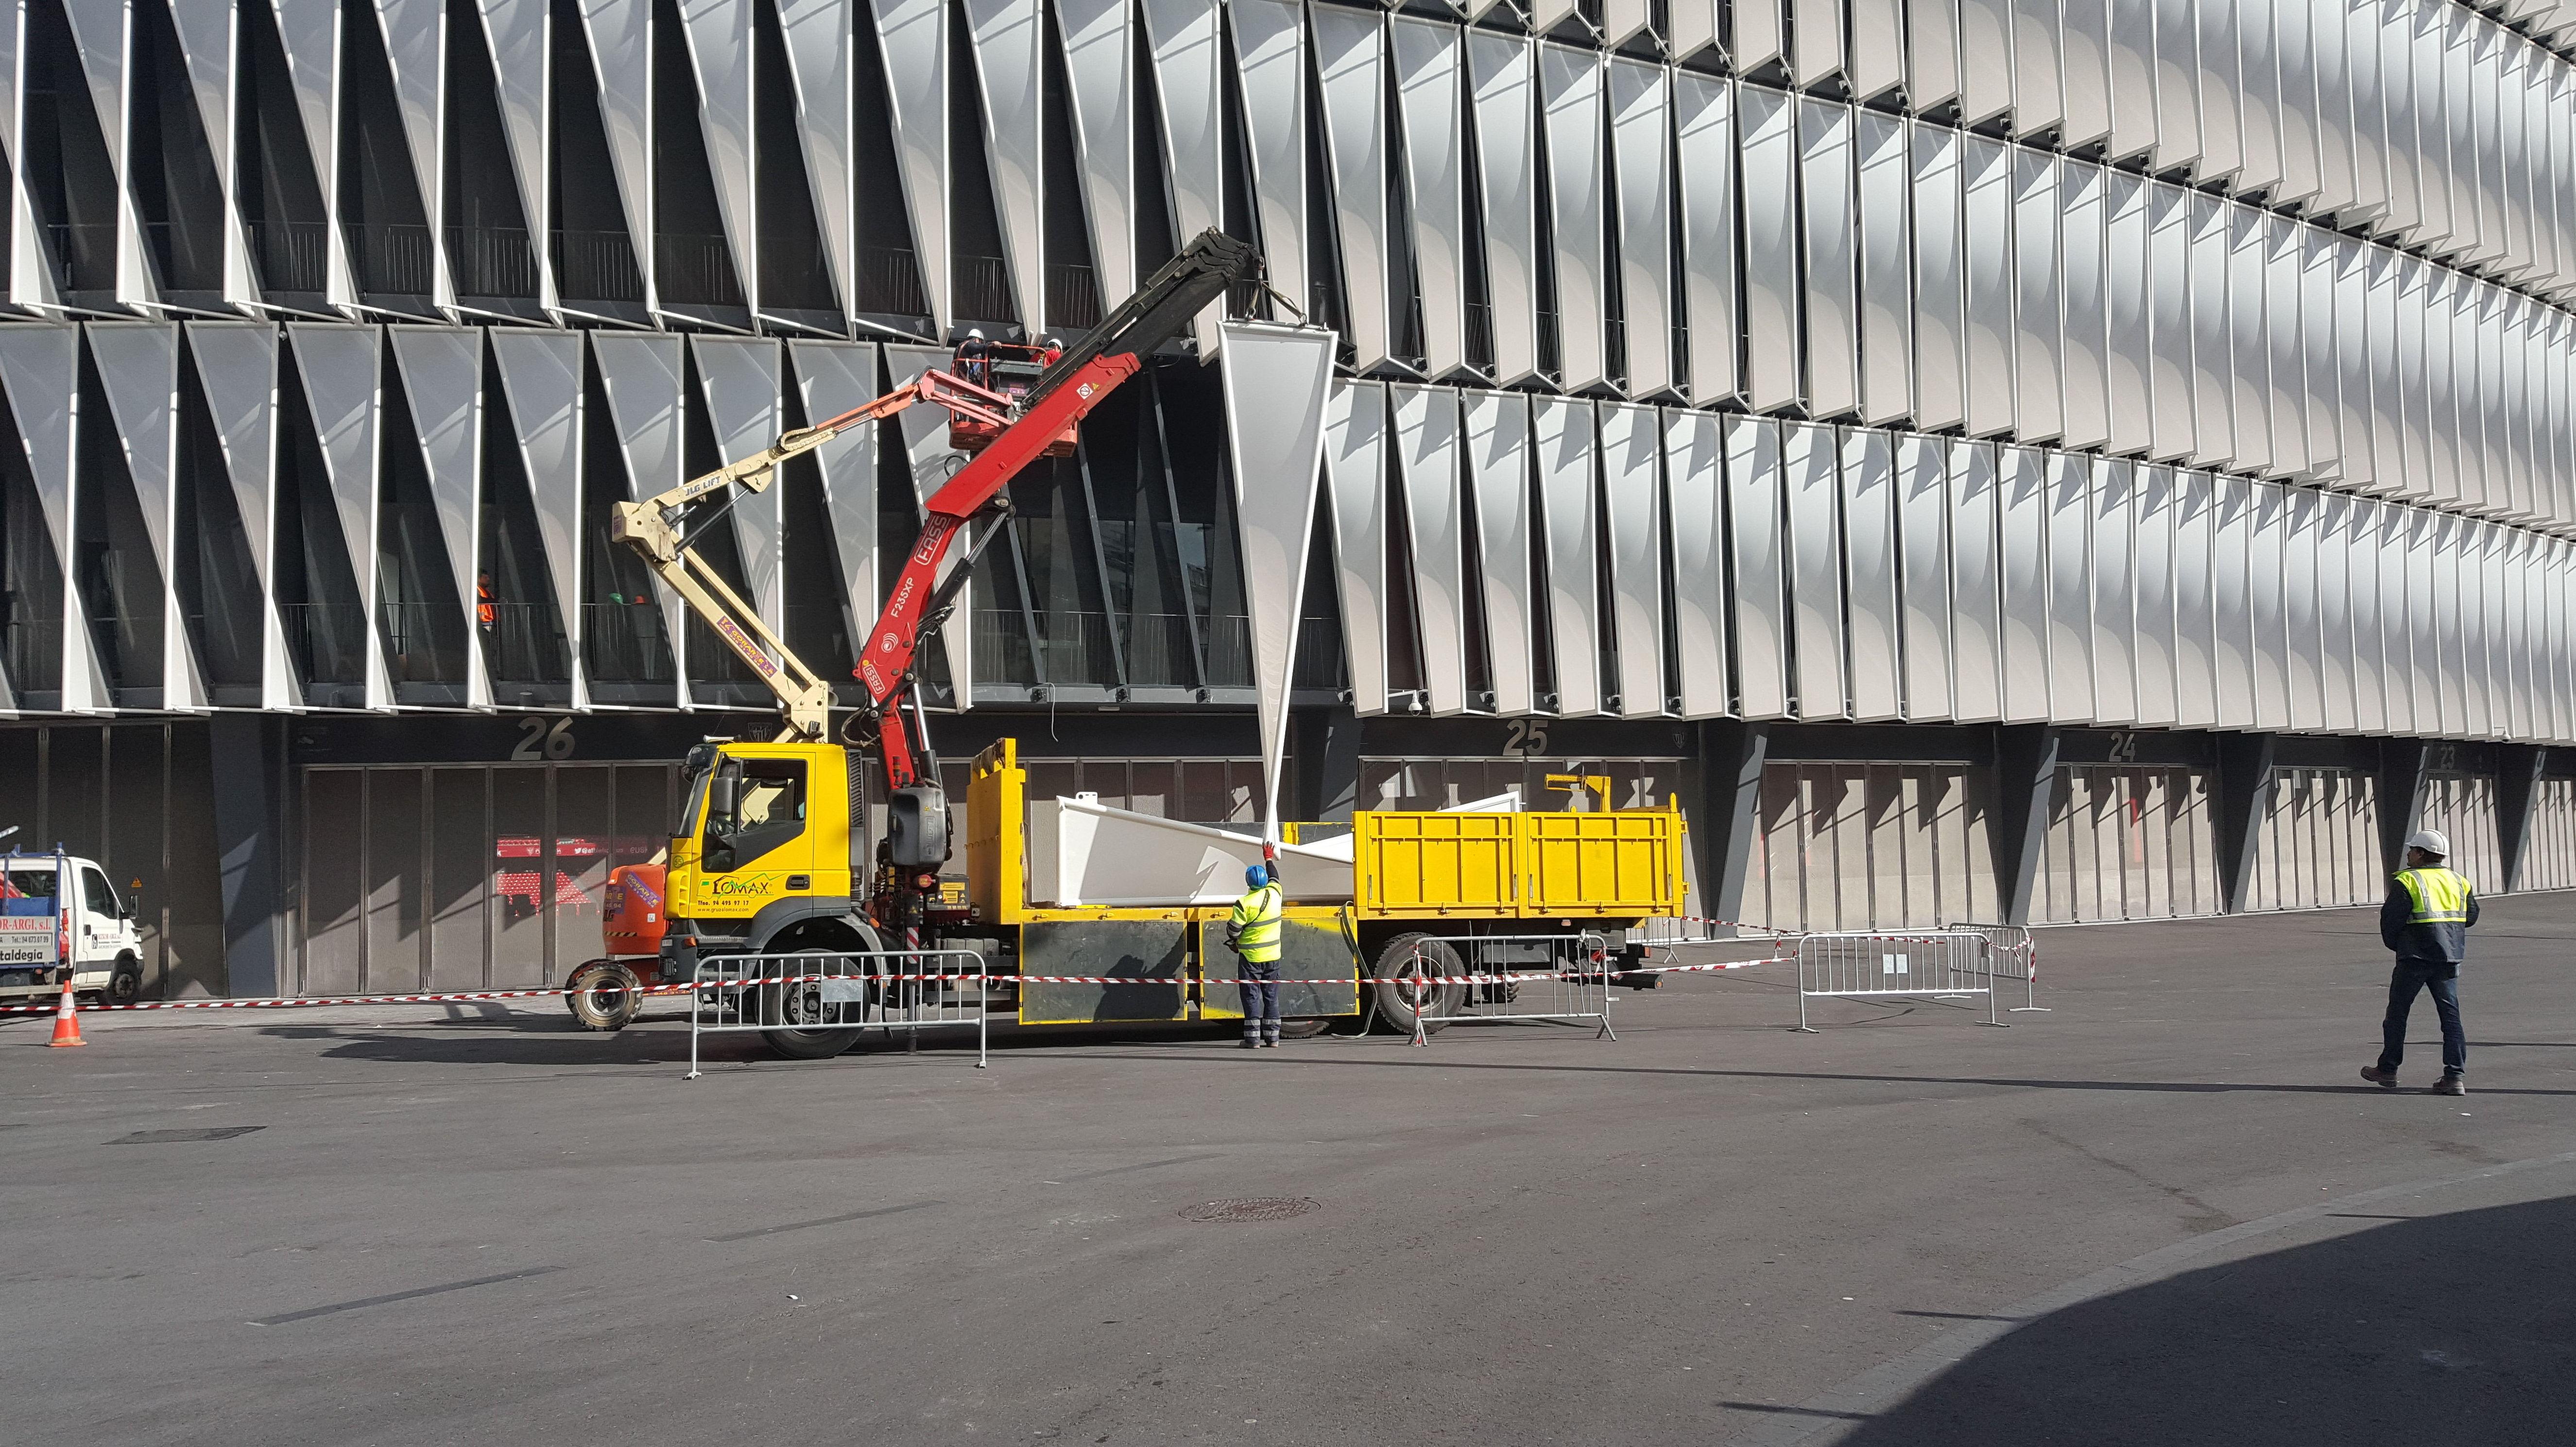 Trabajos con camion grua nuevo campo de san mames Bilbao